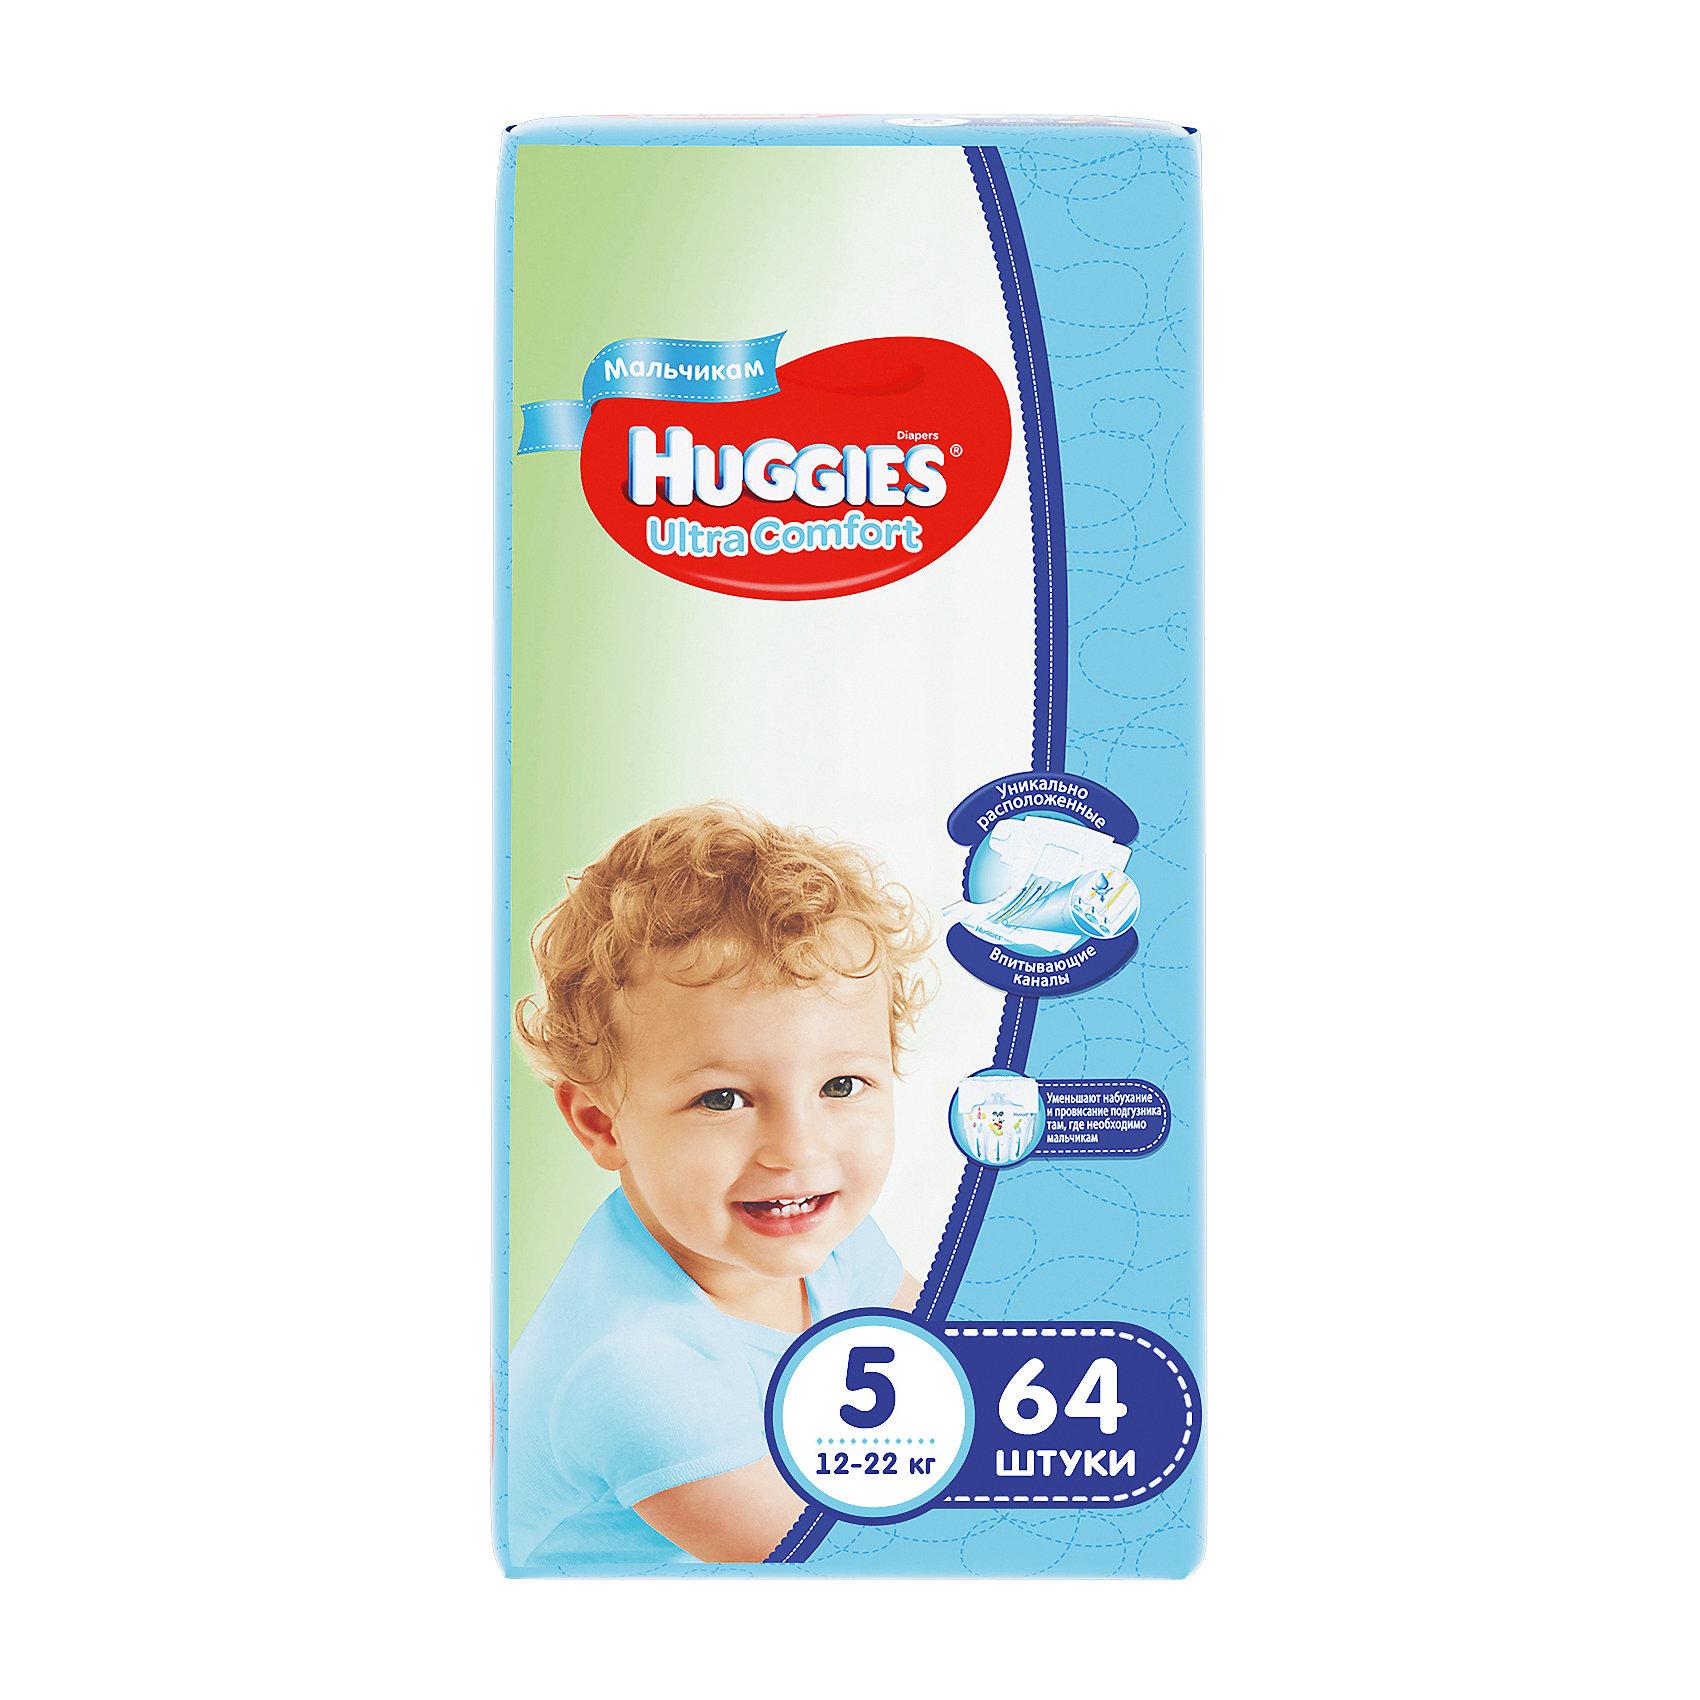 Подгузники Huggies Ultra Comfort 5 Giga Pack для мальчиков, 12-22 кг, 64 шт.Микки Маус и друзья<br>С первых дней жизни мальчики и девочки такие разные.<br><br>Новые подгузники Huggies Ultra Comfort созданы специально для мальчиков и специально для девочек. Для лучшего впитывания распределяющий слой в этих подгузниках расположен там, где это нужнее всего: по центру для девочек и выше для мальчиков. Huggies Ultra Comfort изготовлены из мягких материалов с микропорами, которые позволяют коже «дышать». Специальные тянущиеся застежки с закругленными краями надежно фиксируют подгузник, а широкий суперэластичный поясок позволяет малышам свободно двигаться.<br><br>Ключевые преимущества новых Huggies Ultra Comfort:<br><br>- Широкий суперэластичный поясок помогает надежно фиксировать подгузник по спинке малыша и защищать кожу от натирания<br>- Анатомическая форма. Изогнутые резиночки повторяют анатомическую форму подгузника, помогая защитить от натирания между ножками <br>- Ультра мягкий внутренний слой по всей длине подгузника оберегает кожу малыша.<br>- Специально разработанный слой Dry Touch впитывает за секунды и помогает запереть влагу внутри.<br>- Яркие эксклюзивные подгузники c дизайном от Disney подчеркивают индивидуальность маленьких модников и модниц.<br><br>Huggies Ultra Comfort для мальчиков и для девочек — потому что они такие разные.<br><br>Дополнительная информация:<br><br>Для мальчиков.<br>Размер: 5, 12-22 кг.<br>В упаковке: 64 шт.<br><br>Подгузники Huggies Ultra Comfort для мальчиков Giga Pack (5) 12-22 кг, 64 шт. можно купить в нашем интернет-магазине.<br><br>Ширина мм: 480<br>Глубина мм: 265<br>Высота мм: 107<br>Вес г: 2688<br>Возраст от месяцев: 12<br>Возраст до месяцев: 72<br>Пол: Мужской<br>Возраст: Детский<br>SKU: 3361323